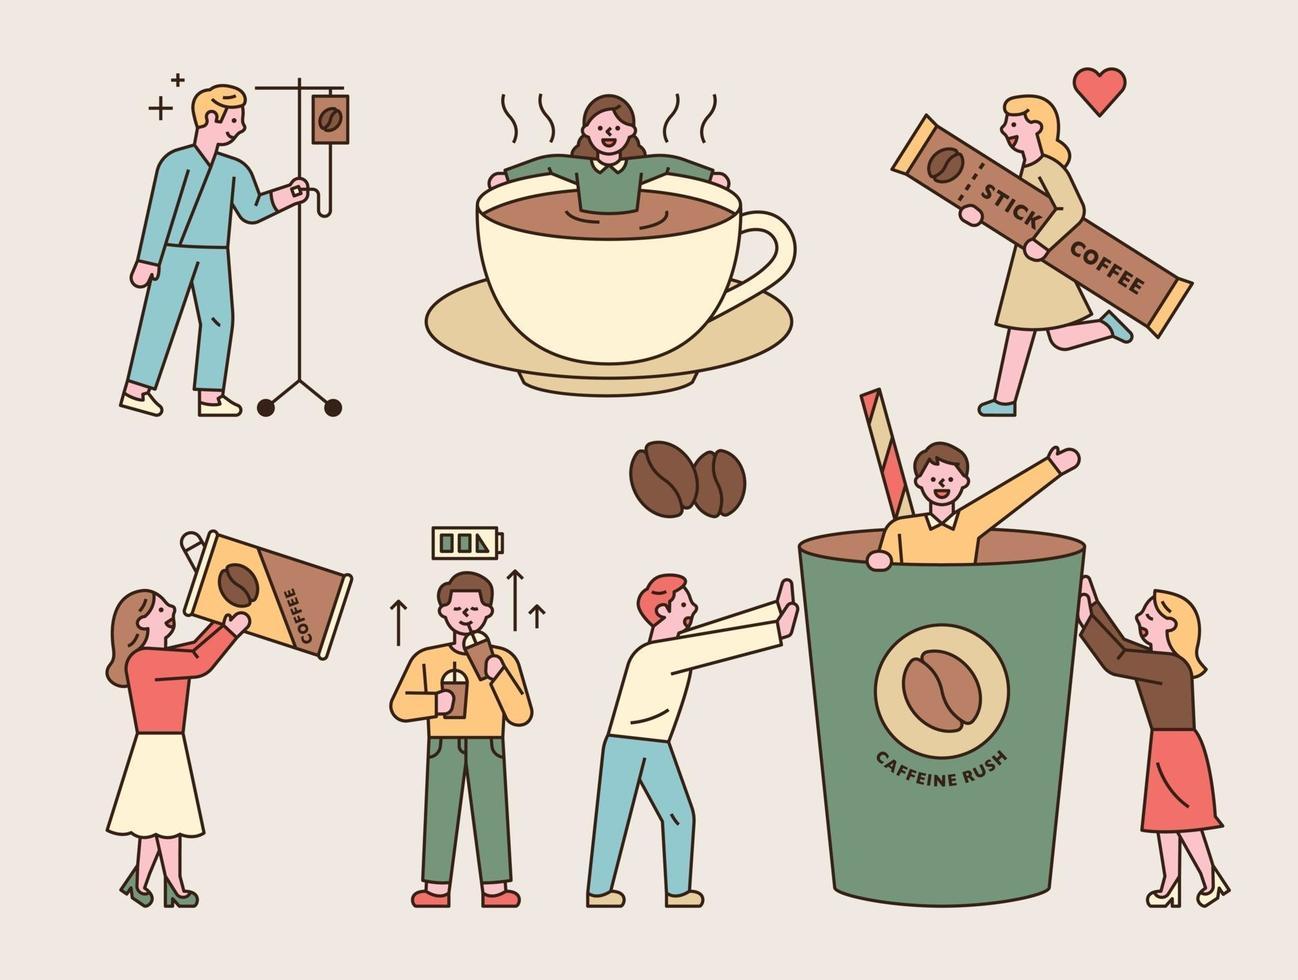 Menschen, die süchtig nach Kaffeekoffein sind. Jemand, der in eine Tasse fällt, eine Person wird von einem Wecker getroffen, eine Person trinkt mit einer großen Dose, jemand springt aus einer Tasse, jemand trägt einen Stockkaffee vektor